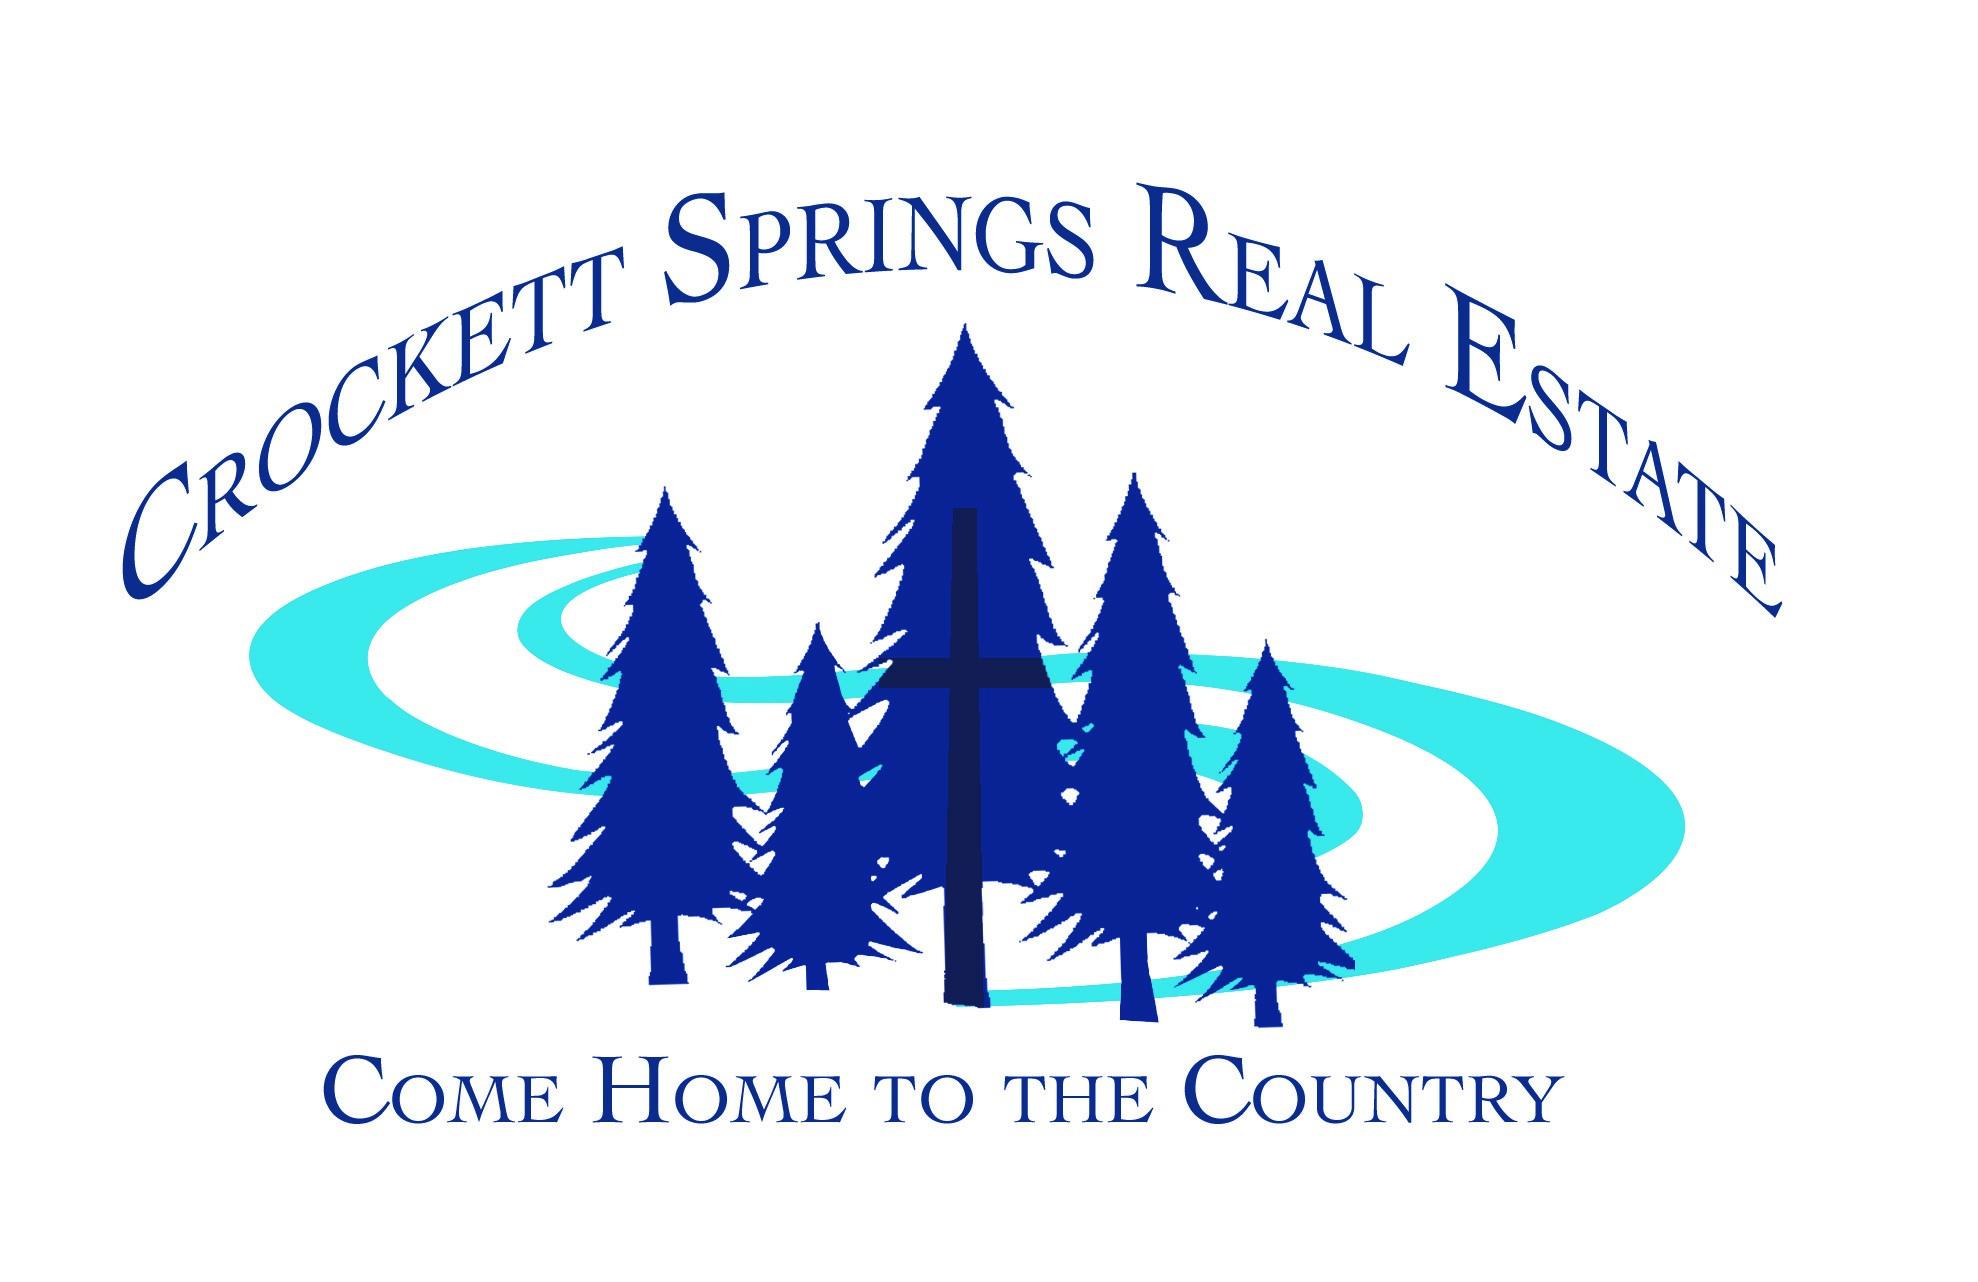 Crockett Springs Real Estate